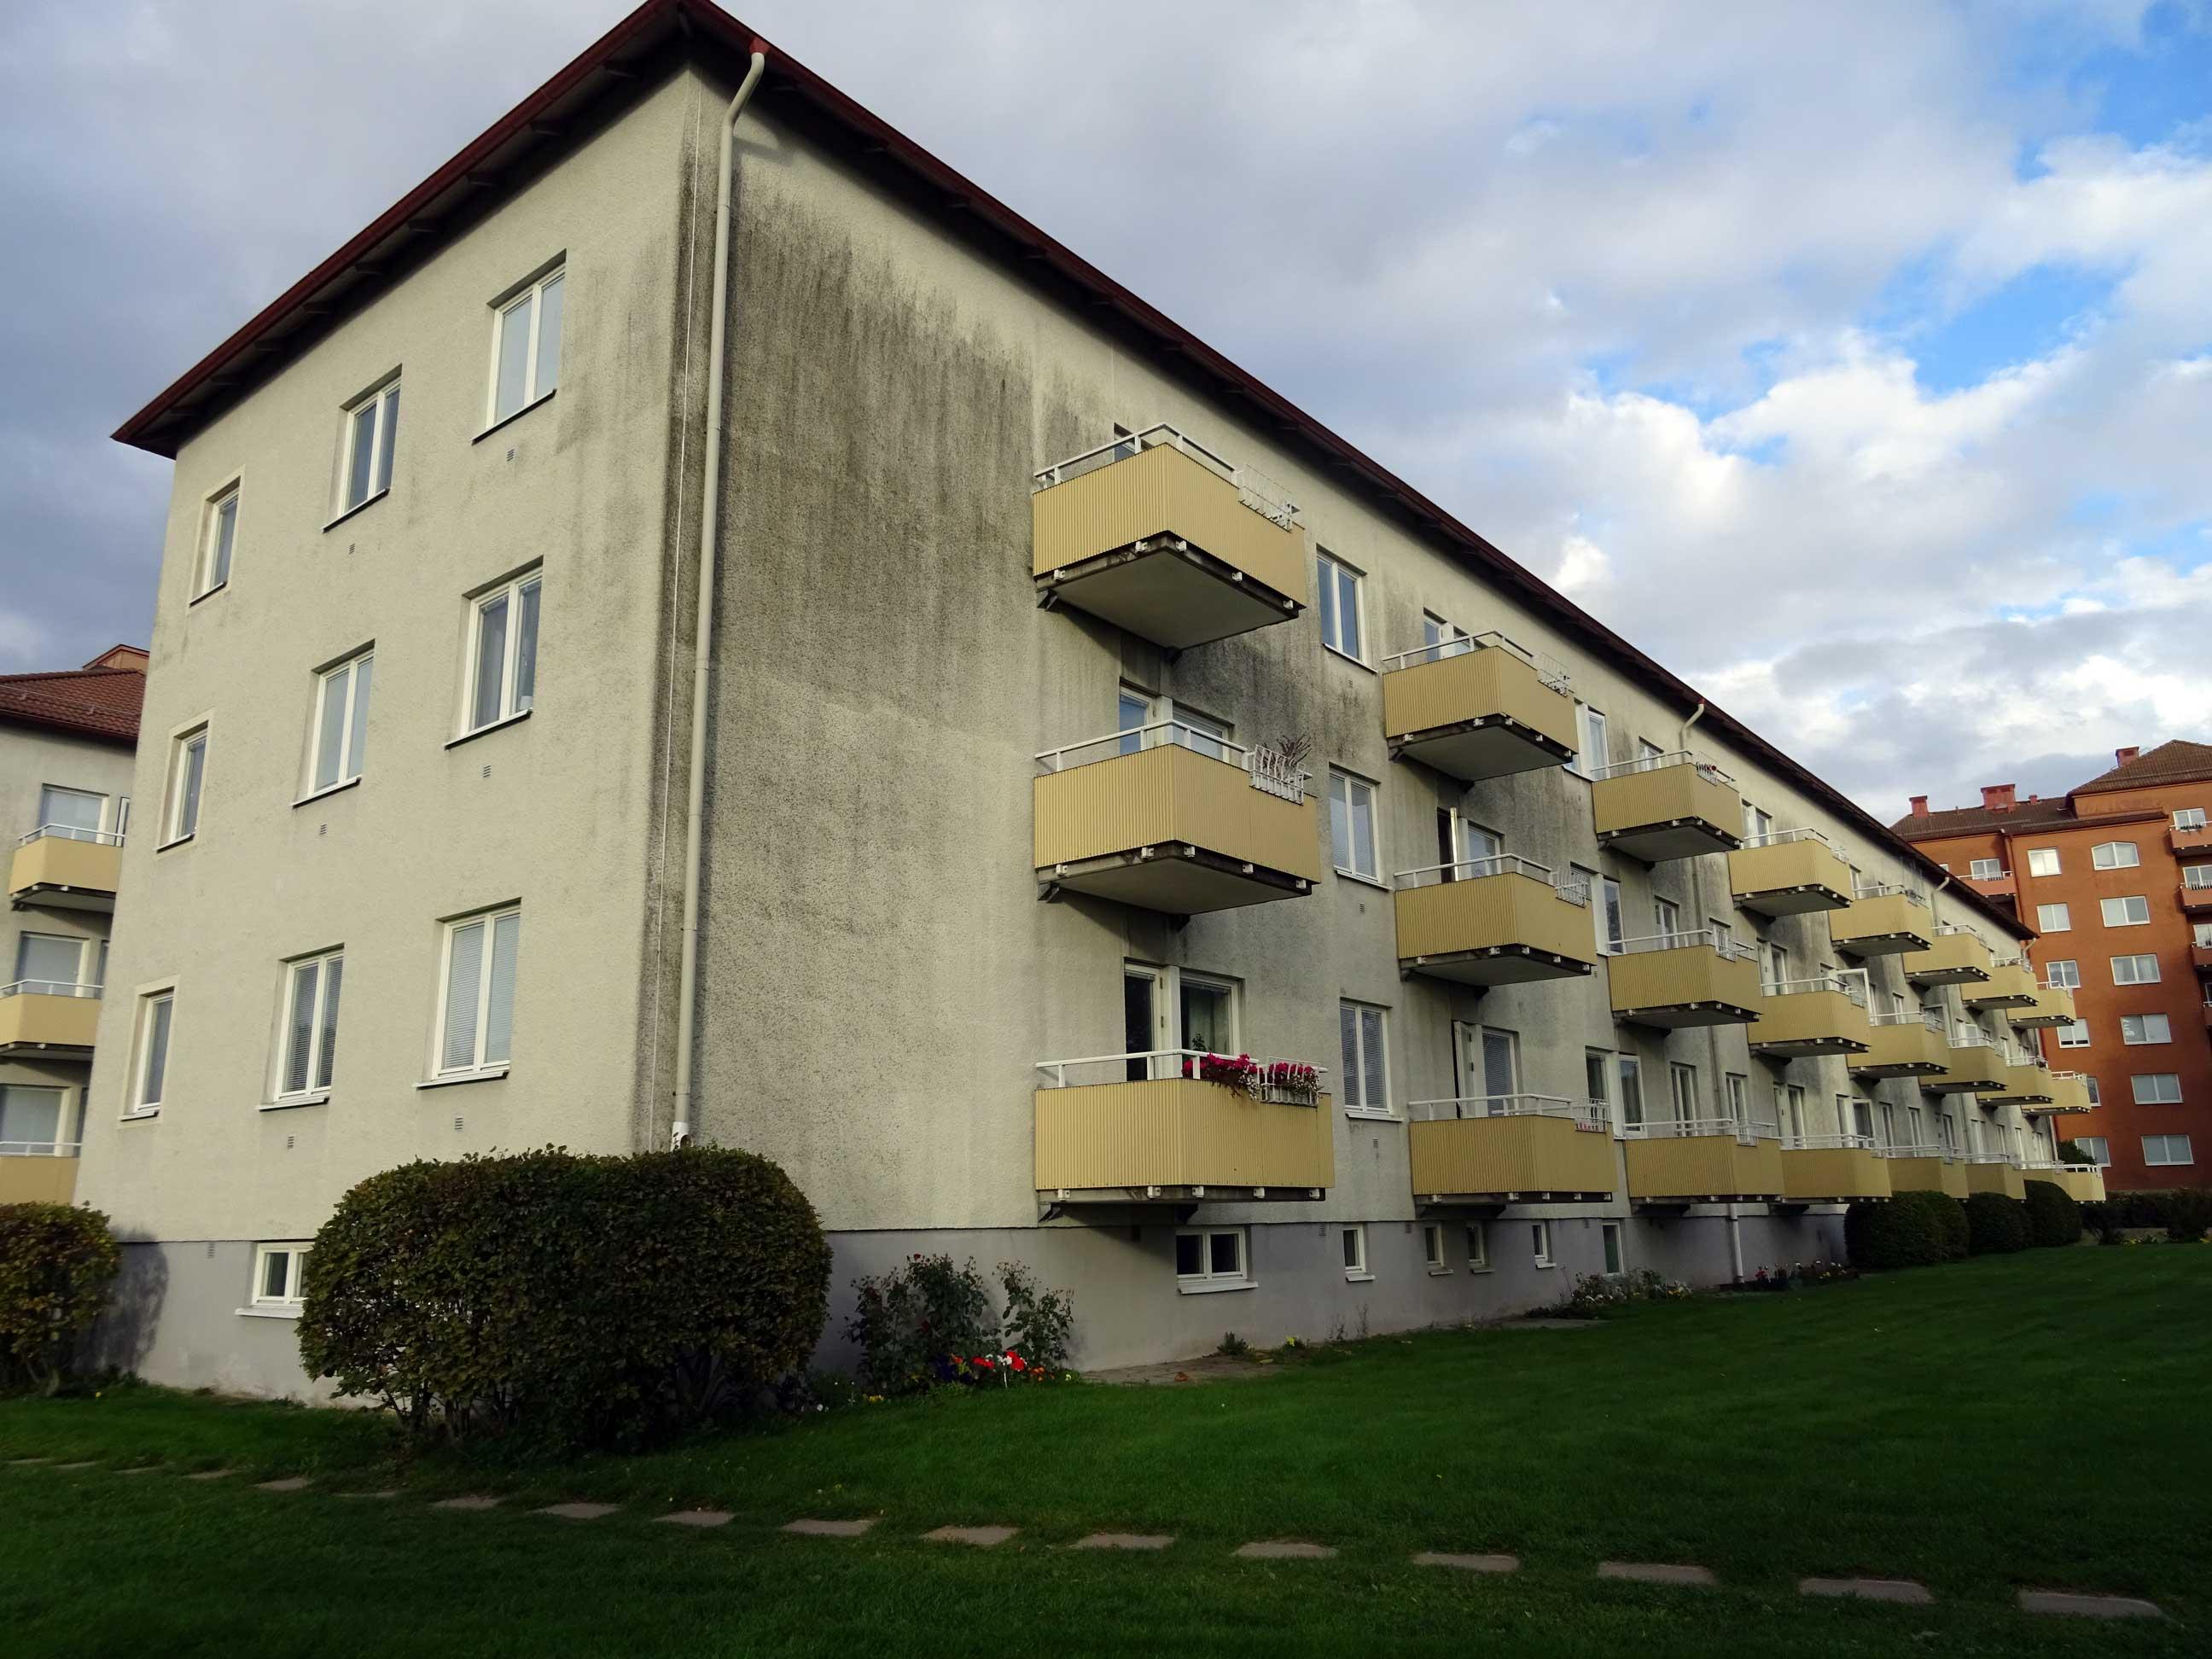 Putsad fasad